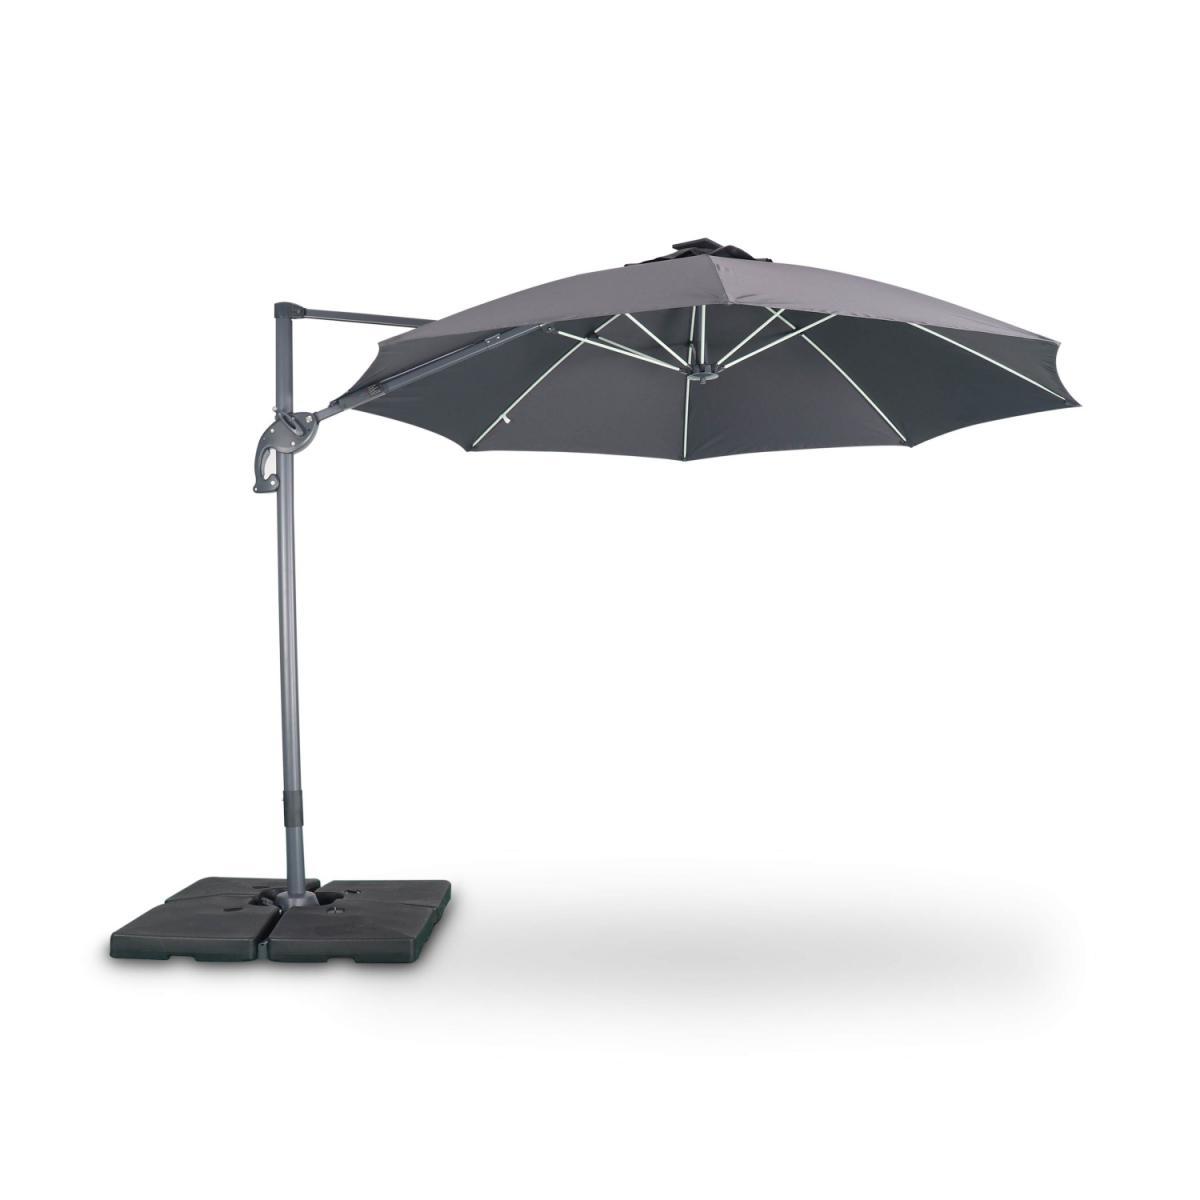 Alice'S Garden Parasol led déporté rond Ø300 cm ? Dinard ? gris ? parasol exporté, inclinable, rabattable, baleines en fibre de verre